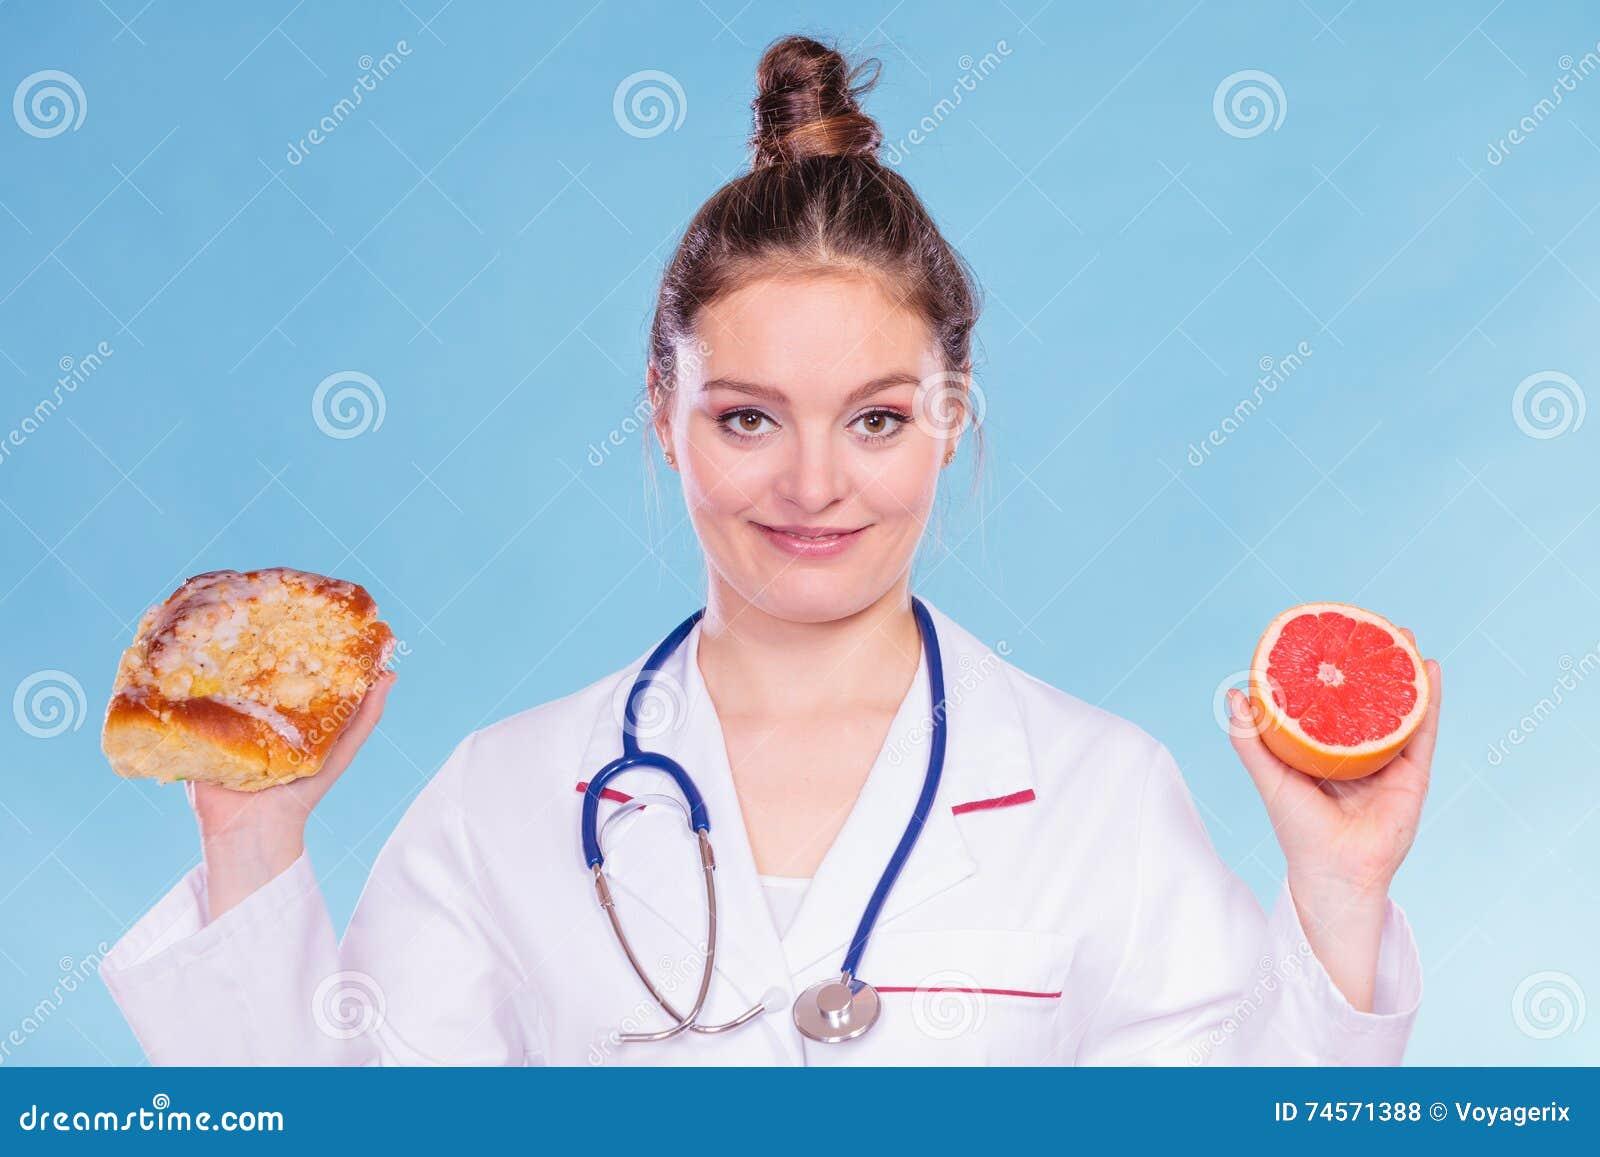 Диетврач с плюшкой и грейпфрутом сладостного крена